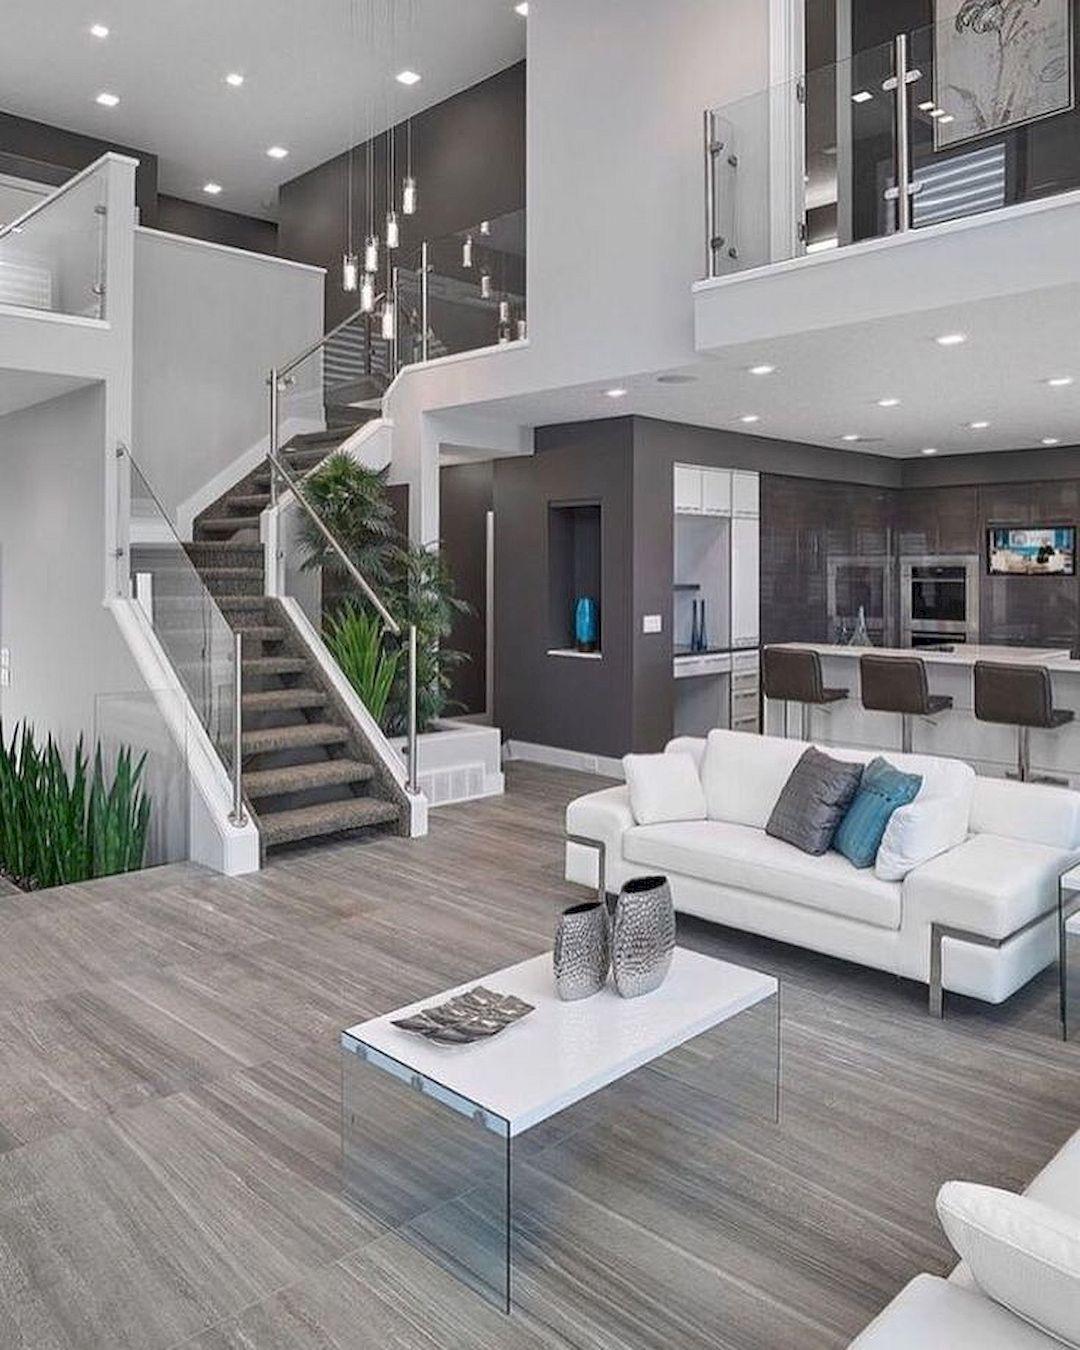 Best Interior Design Inspirations 2017 (155 Photos)  Https://www.futuristarchitecture